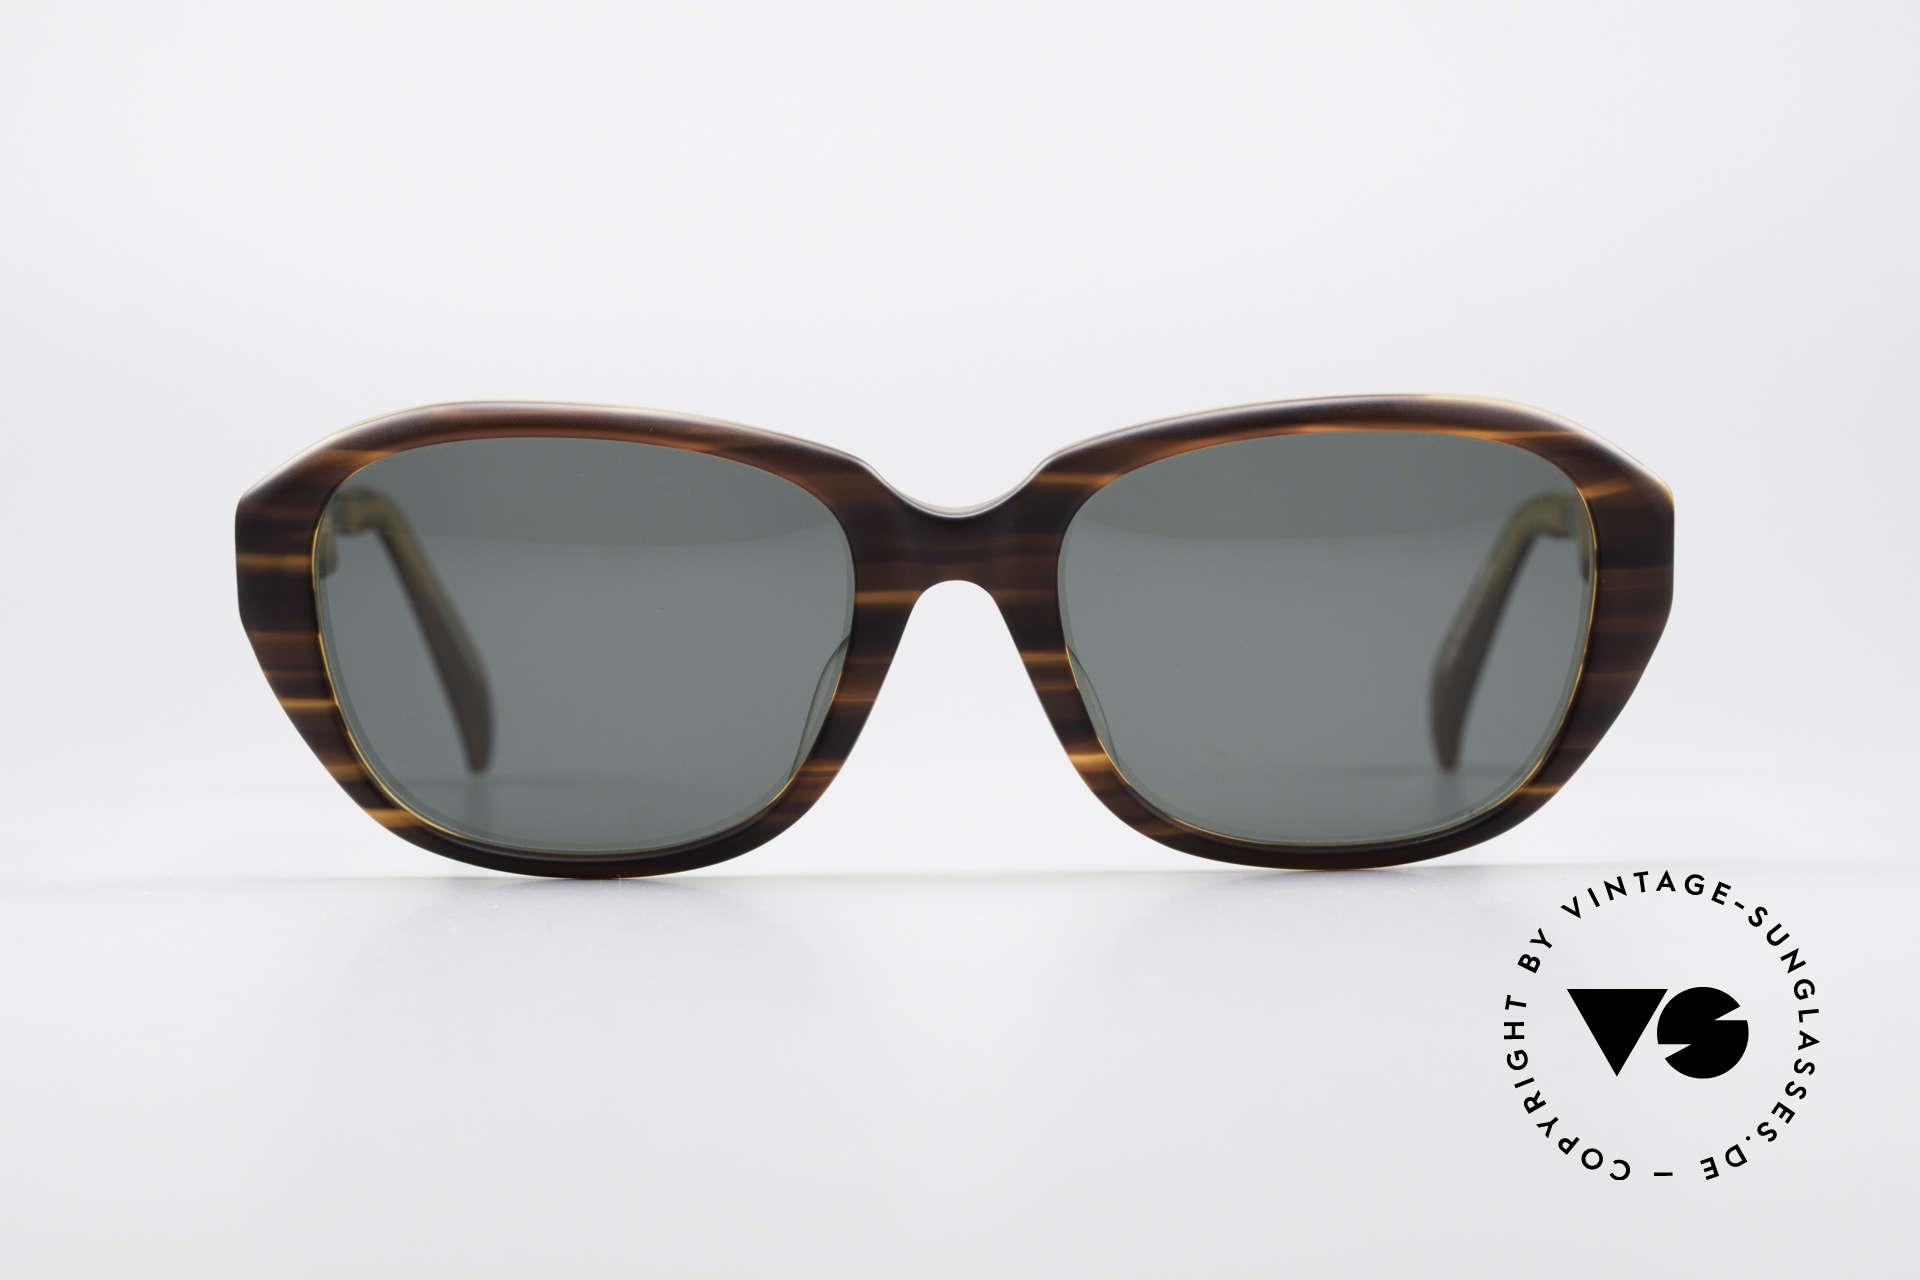 Jean Paul Gaultier 56-1072 90er Designer Sonnenbrille, tolle Material- und Farbkombinationen; Hingucker!, Passend für Herren und Damen